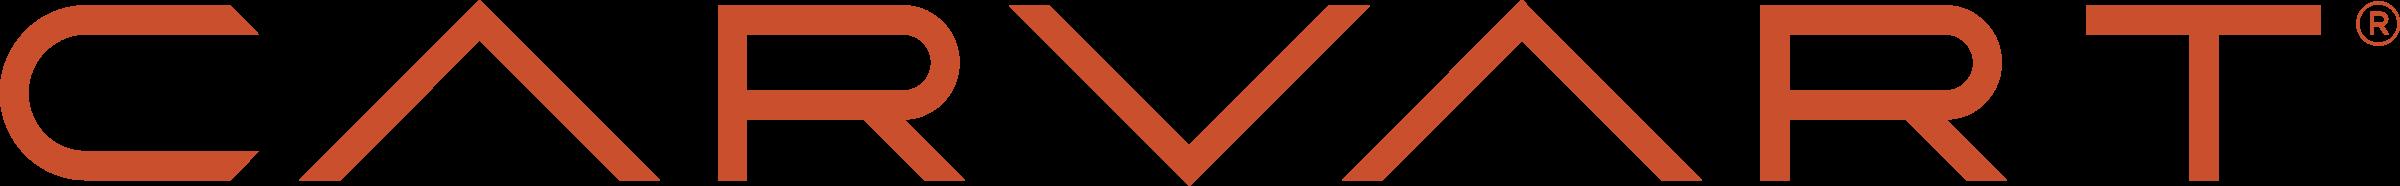 Carvart